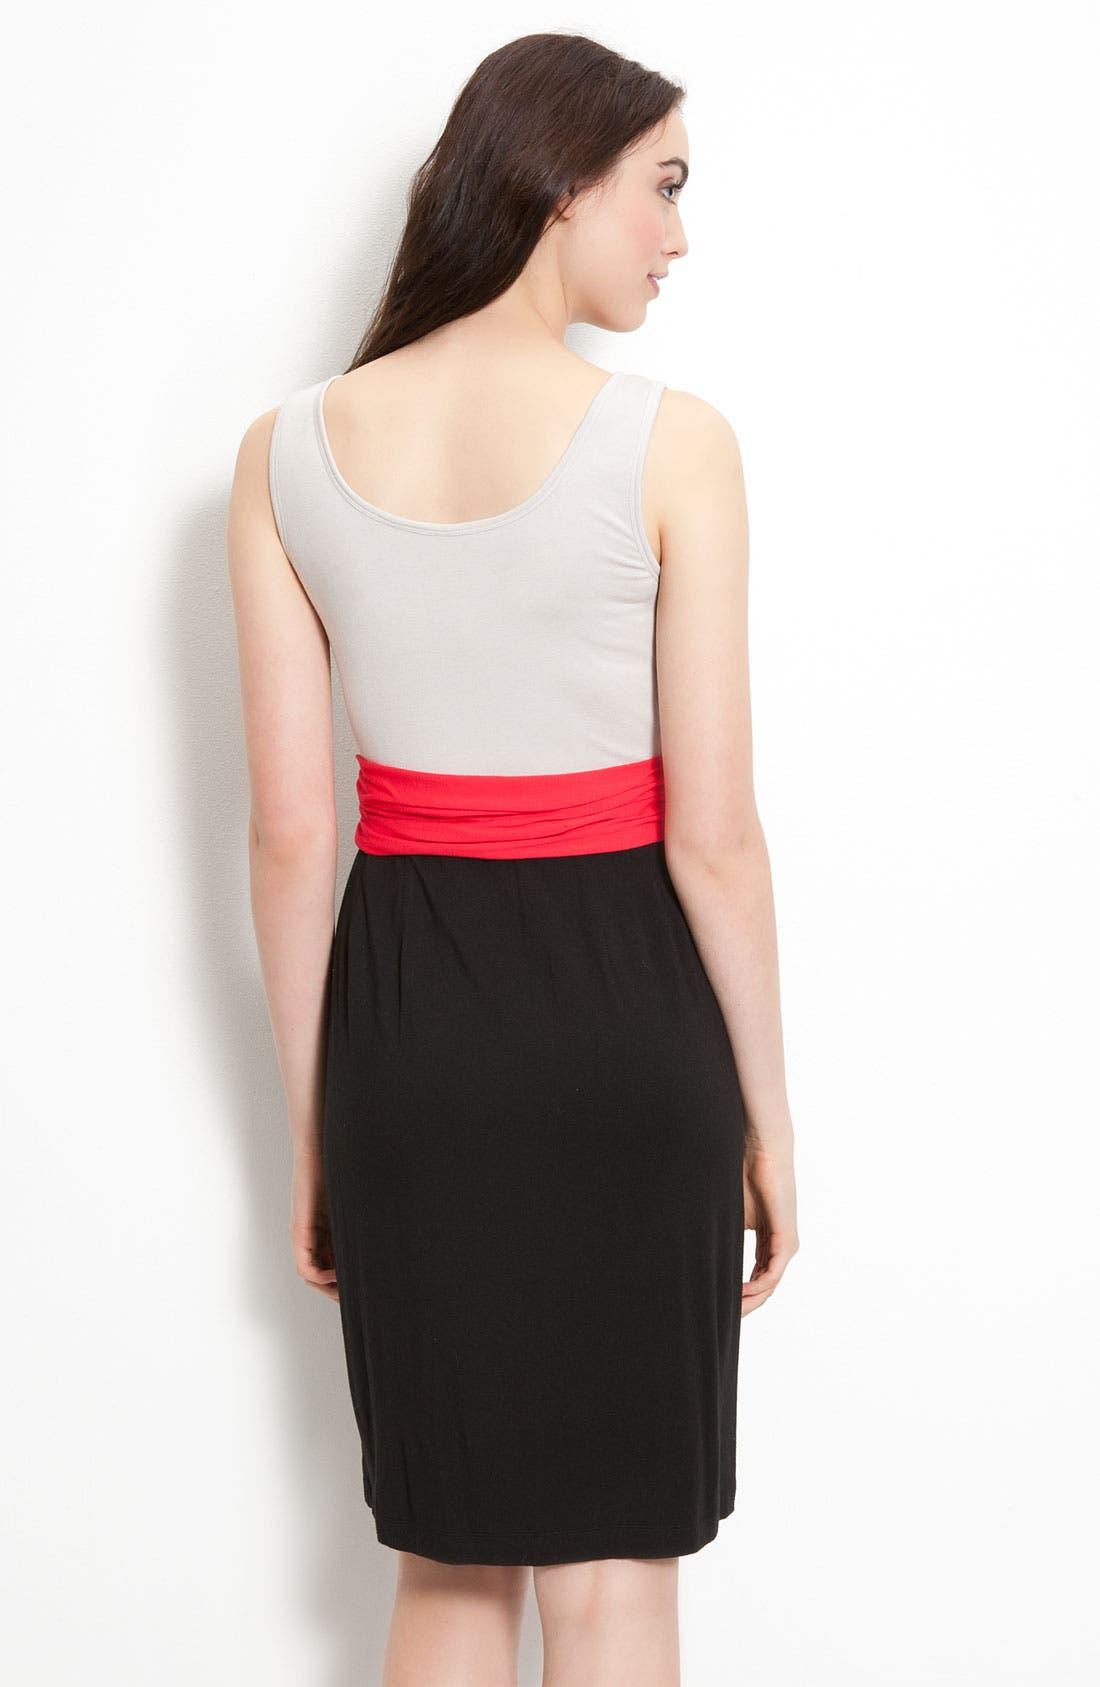 DKNYC, Sleeveless V-Neck Dress, Alternate thumbnail 2, color, 600